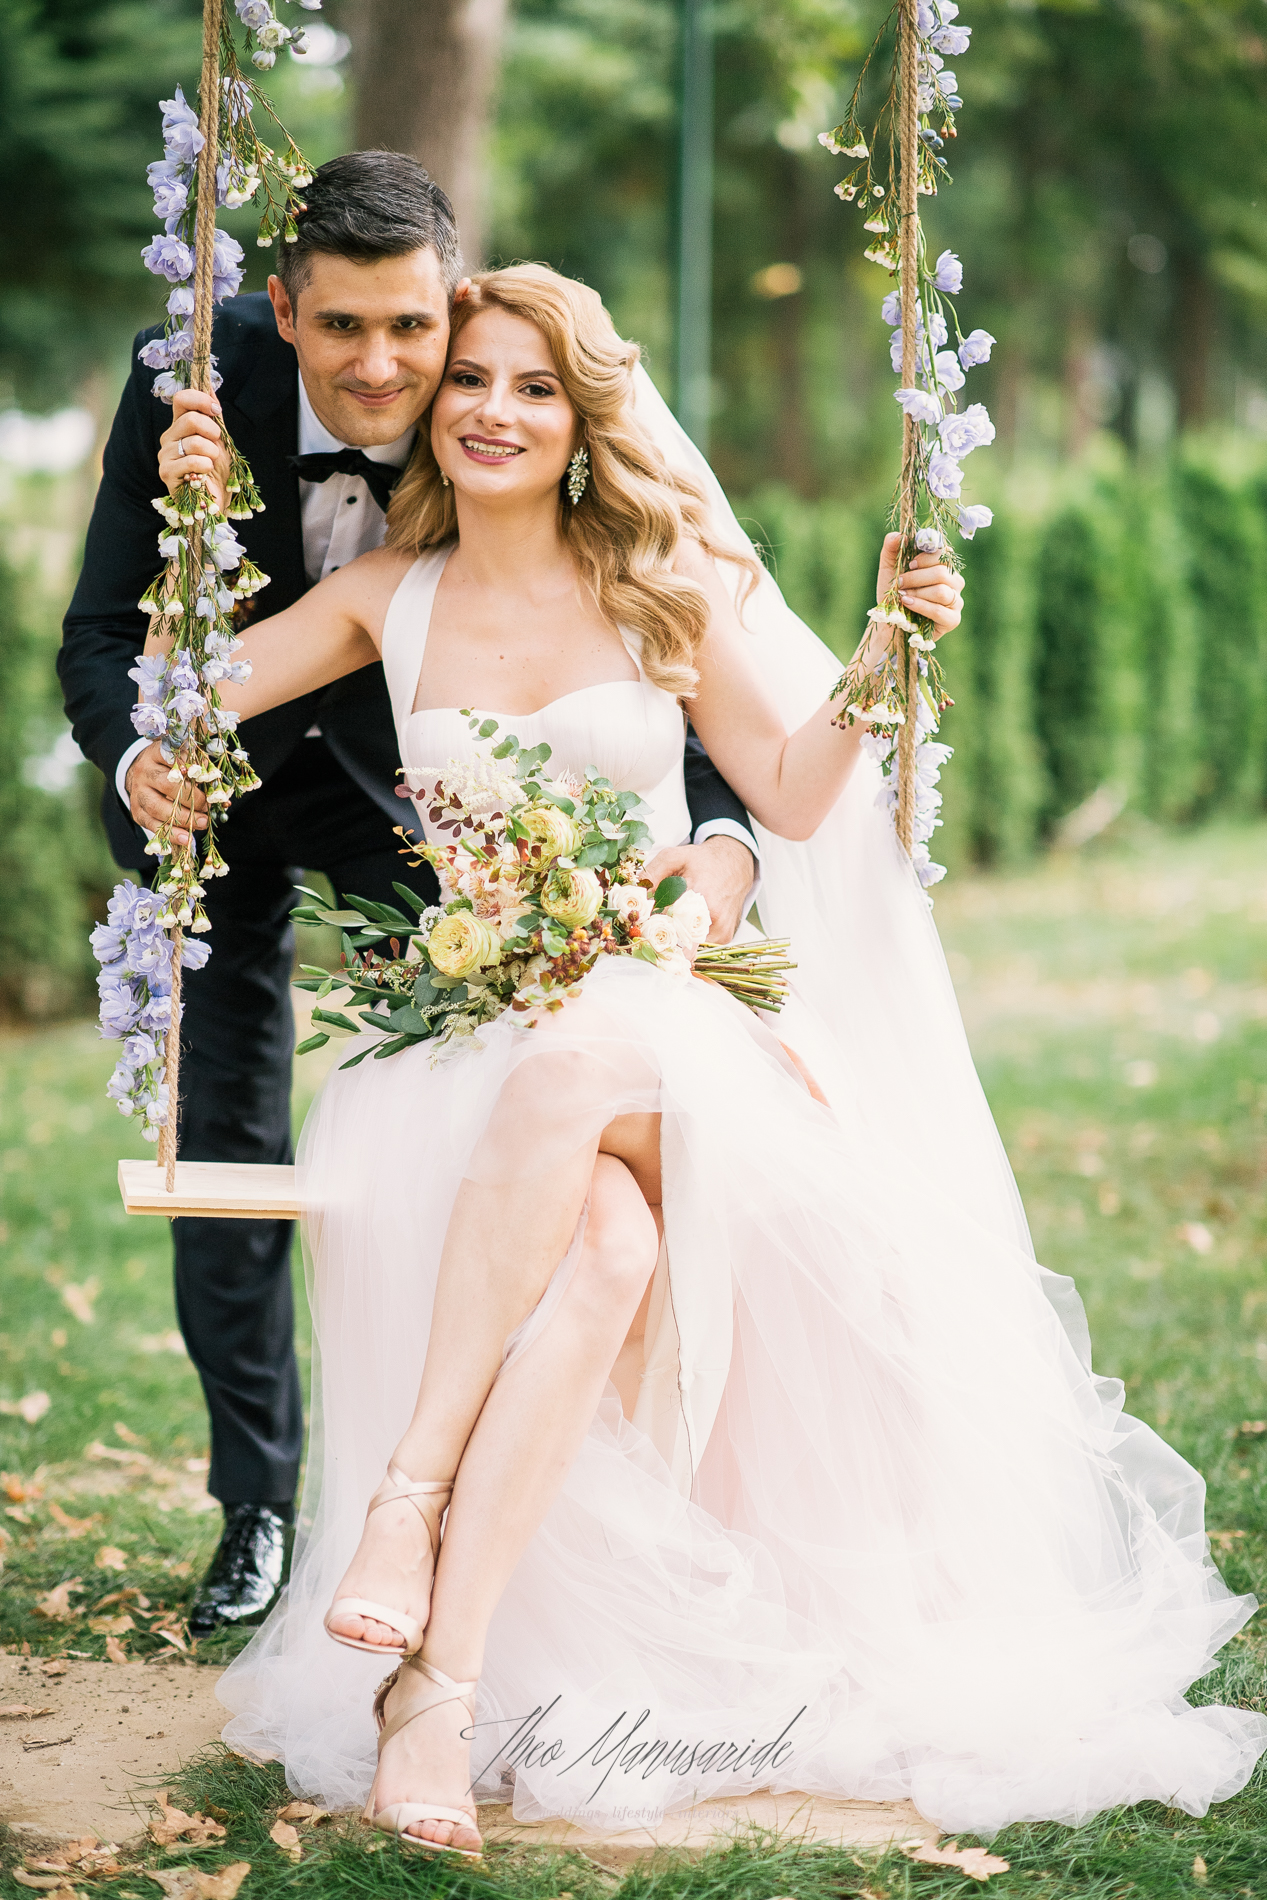 fotograf nunta alina si octav-32